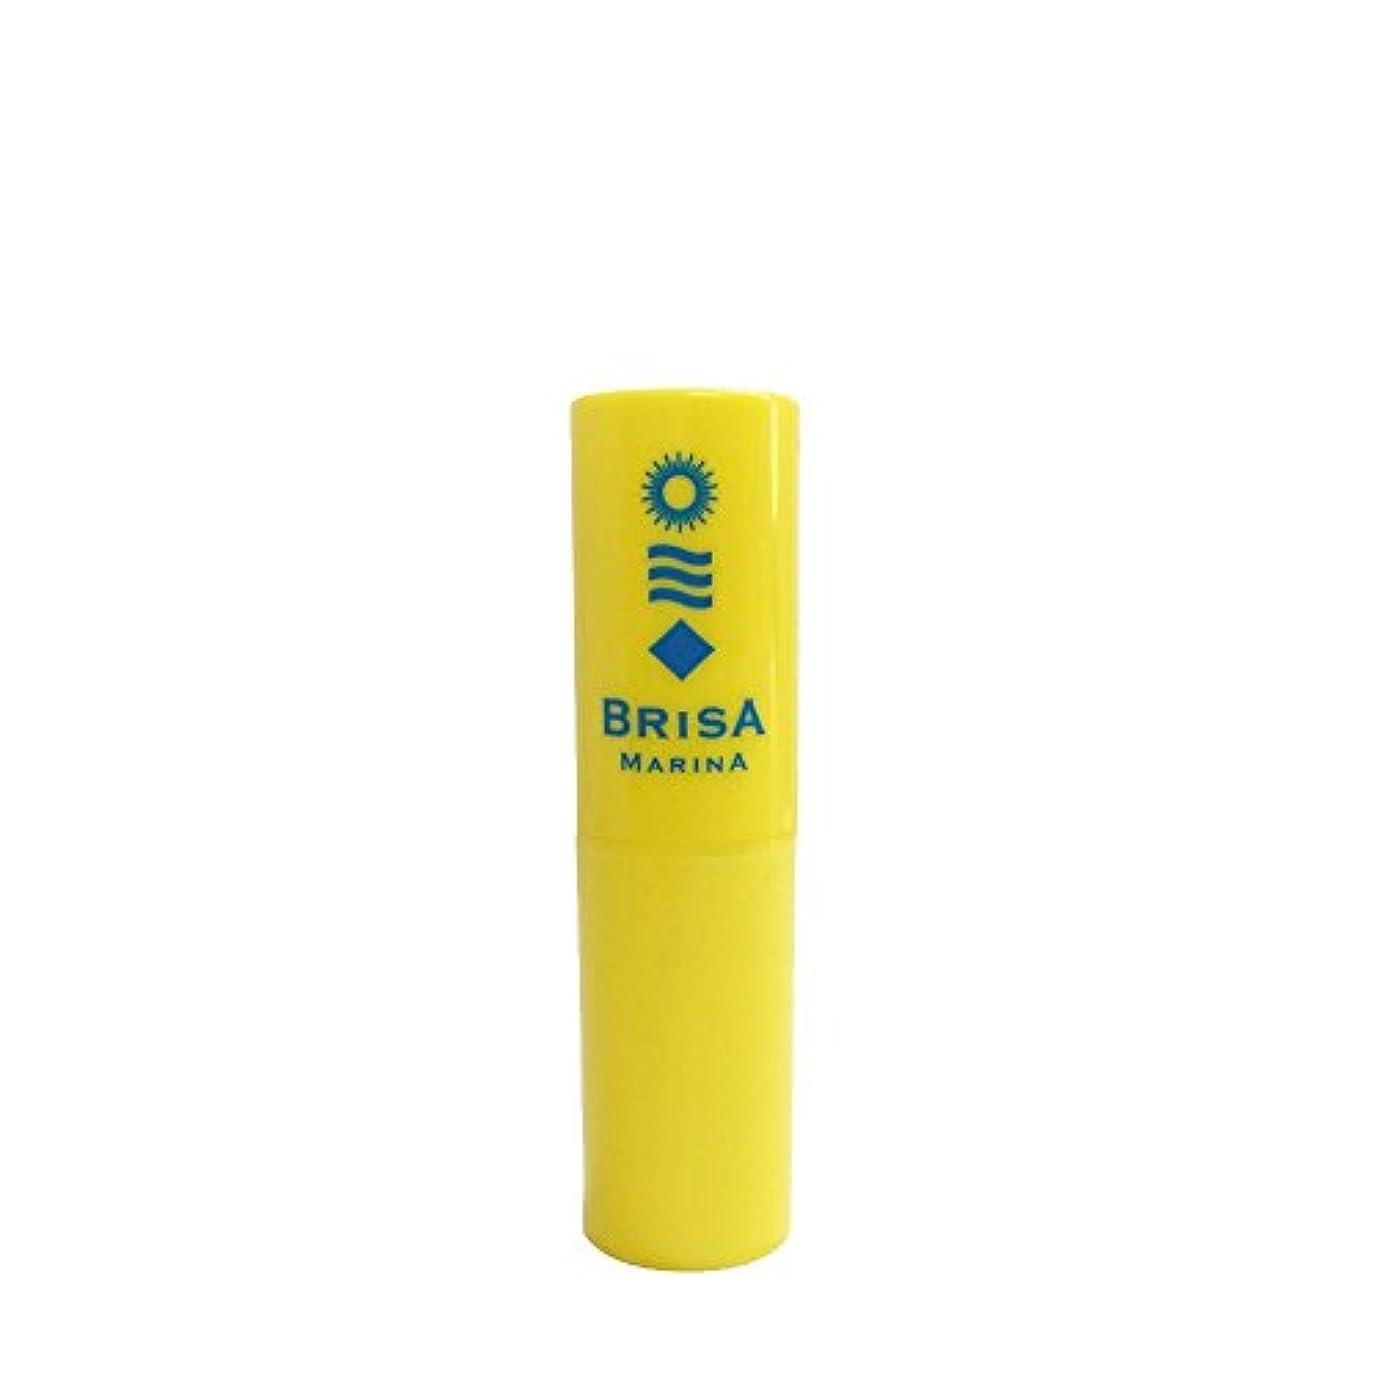 消費者決定的どこにでもBRISA MARINA(ブリサ マリーナ) 日焼け止めUVリップ(クリア) 3g[SPF32 PA+++] Z-0CBM0016200 バリエーション不要